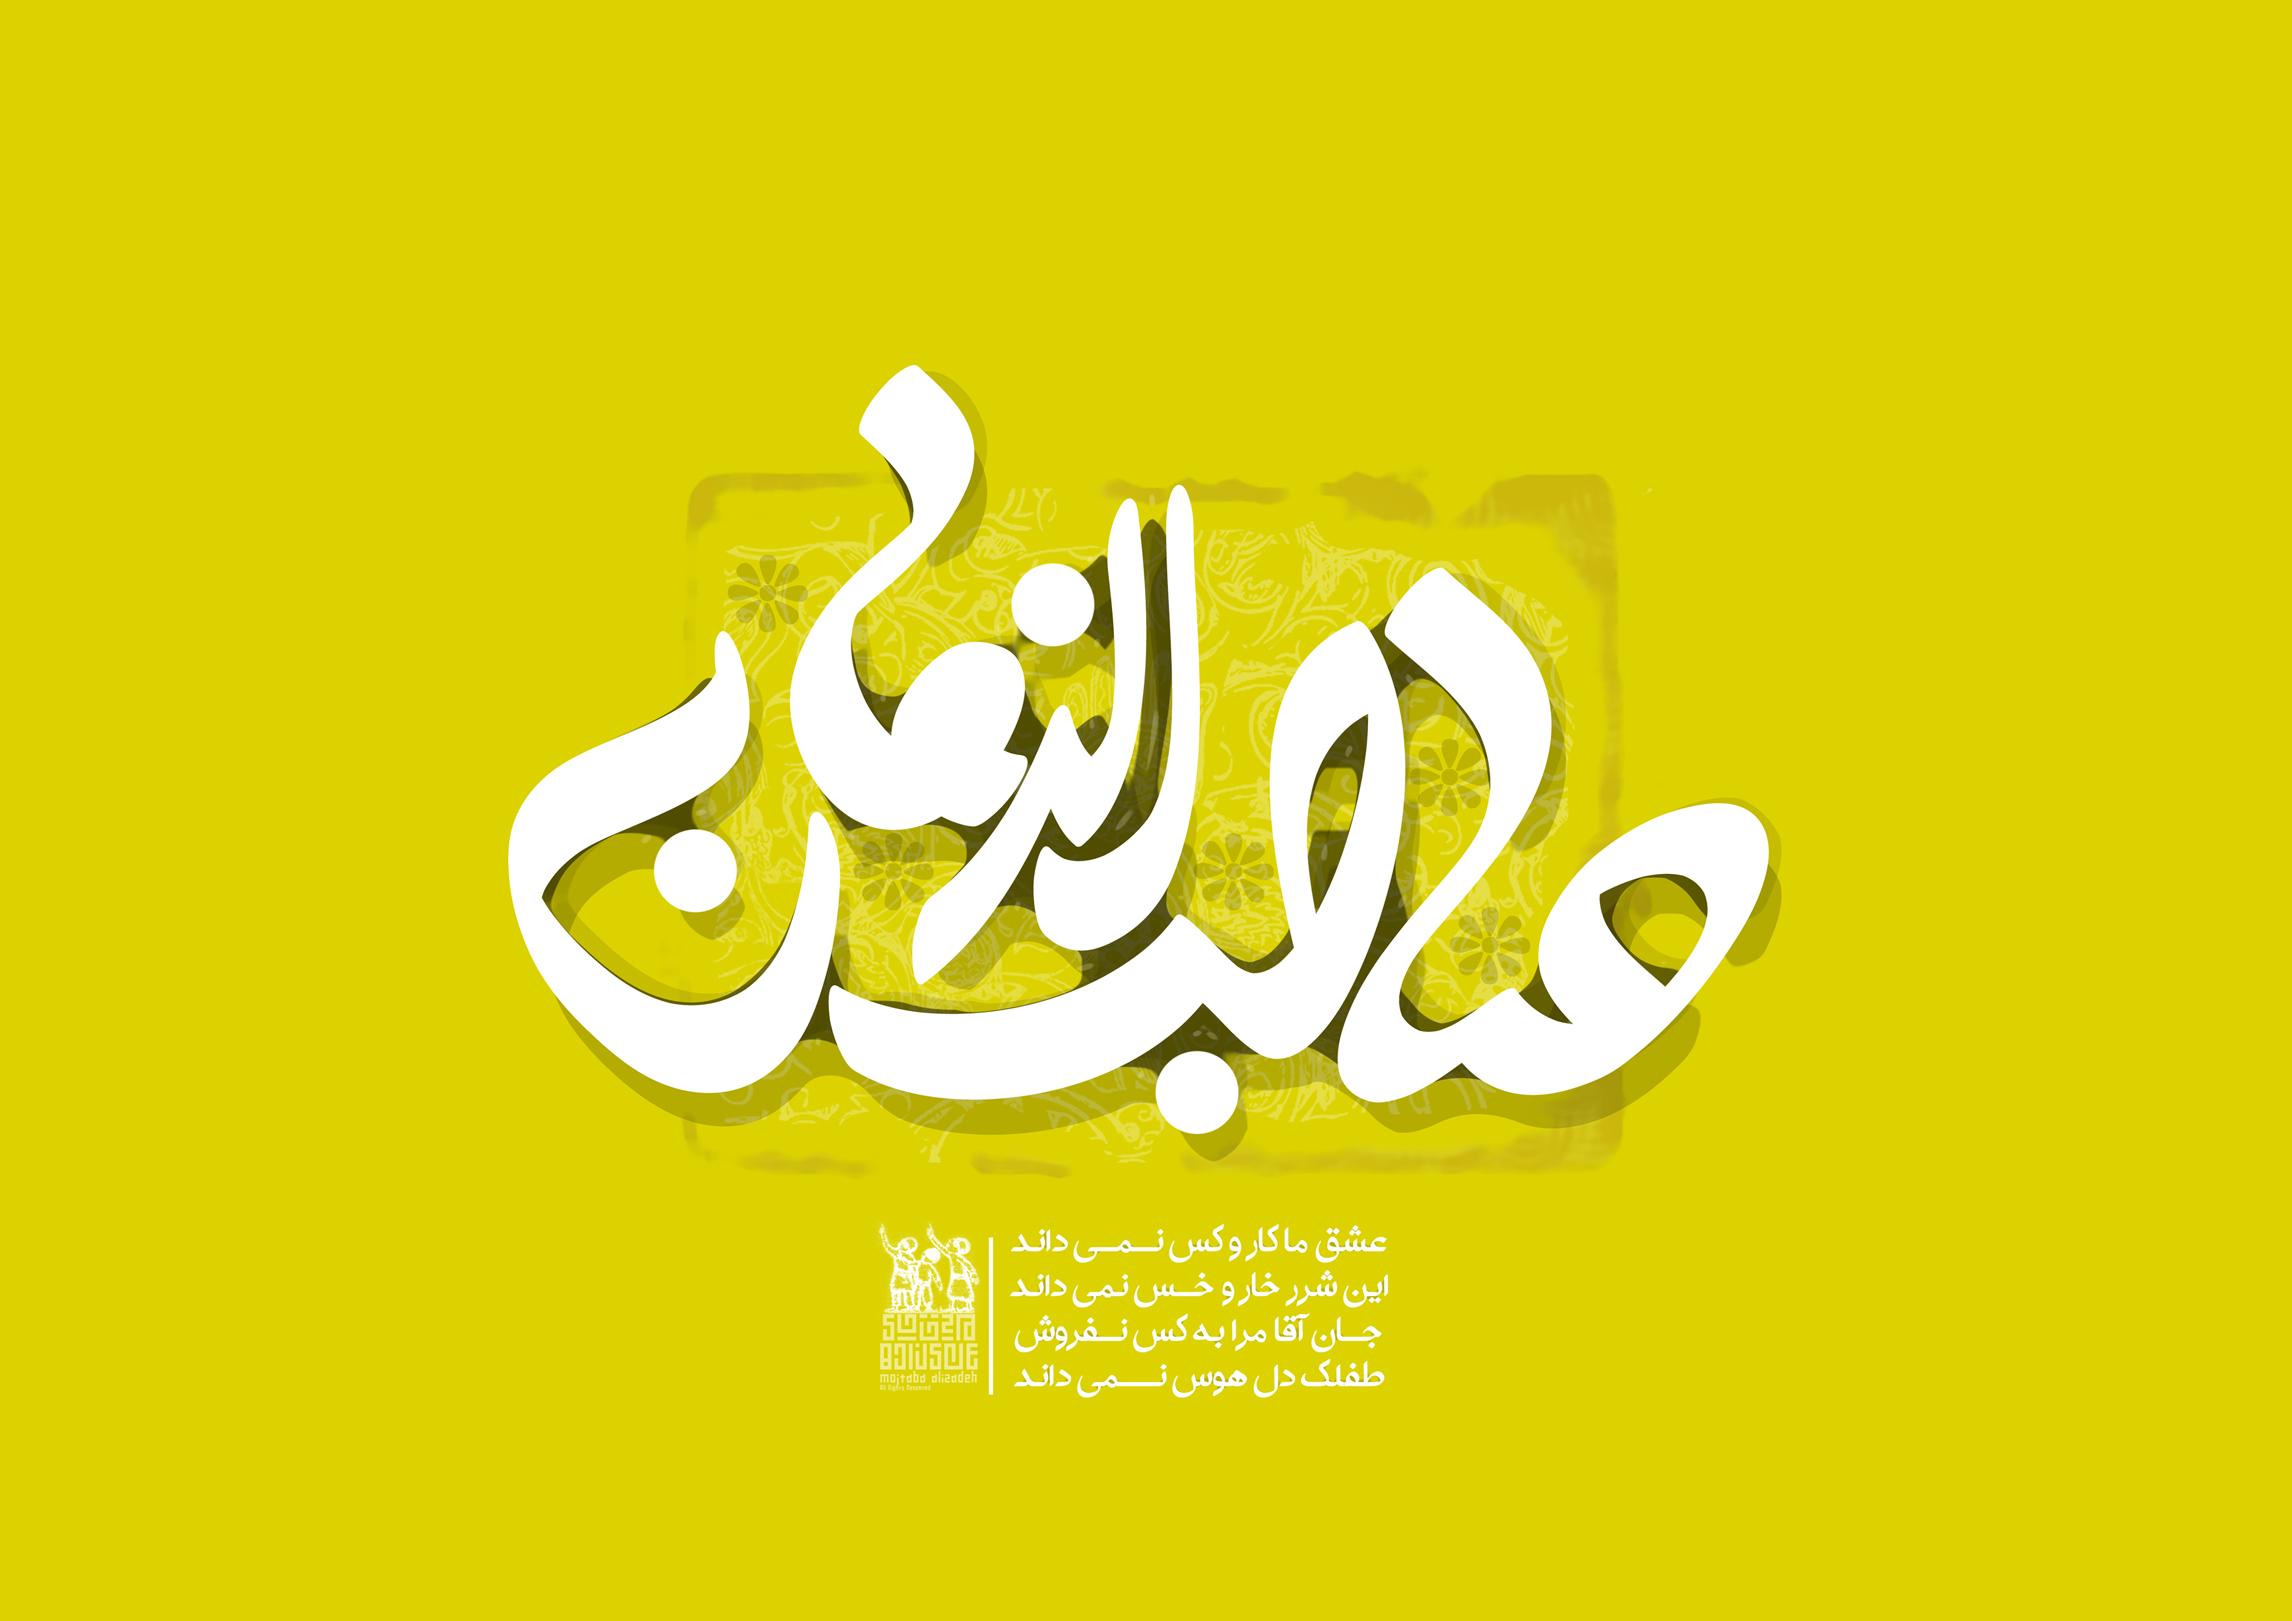 دانلود مولودی میلاد حضرت مهدی عجل الله تعالی فرجه/ محمود کریمی